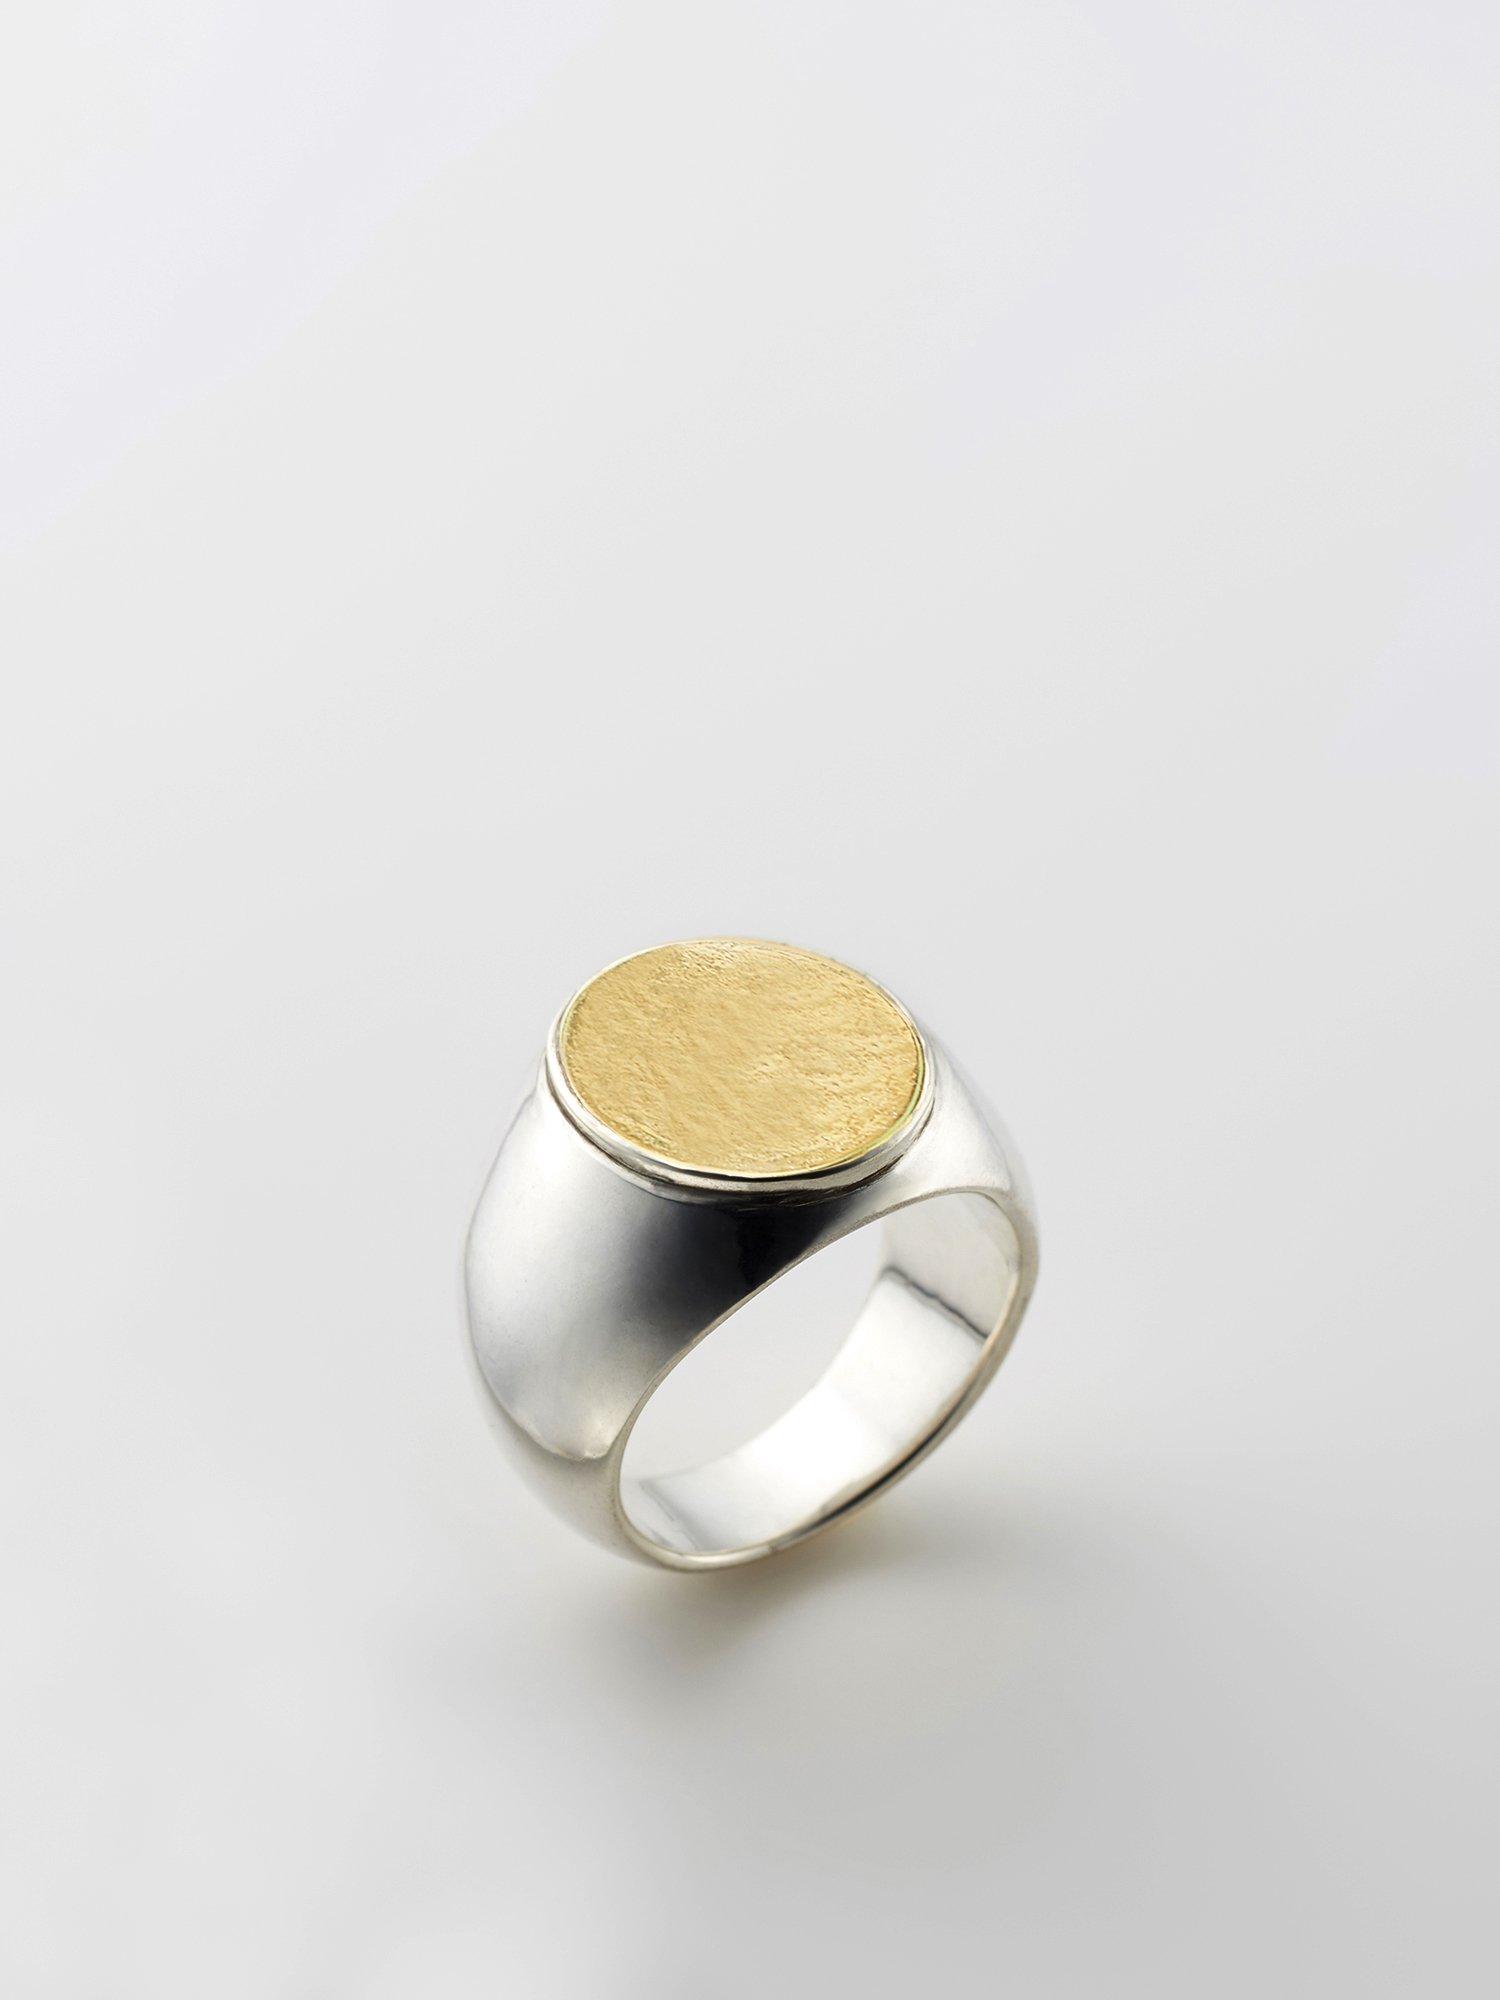 ARTEMIS / Artemis signet ring / 在庫商品 / 13号